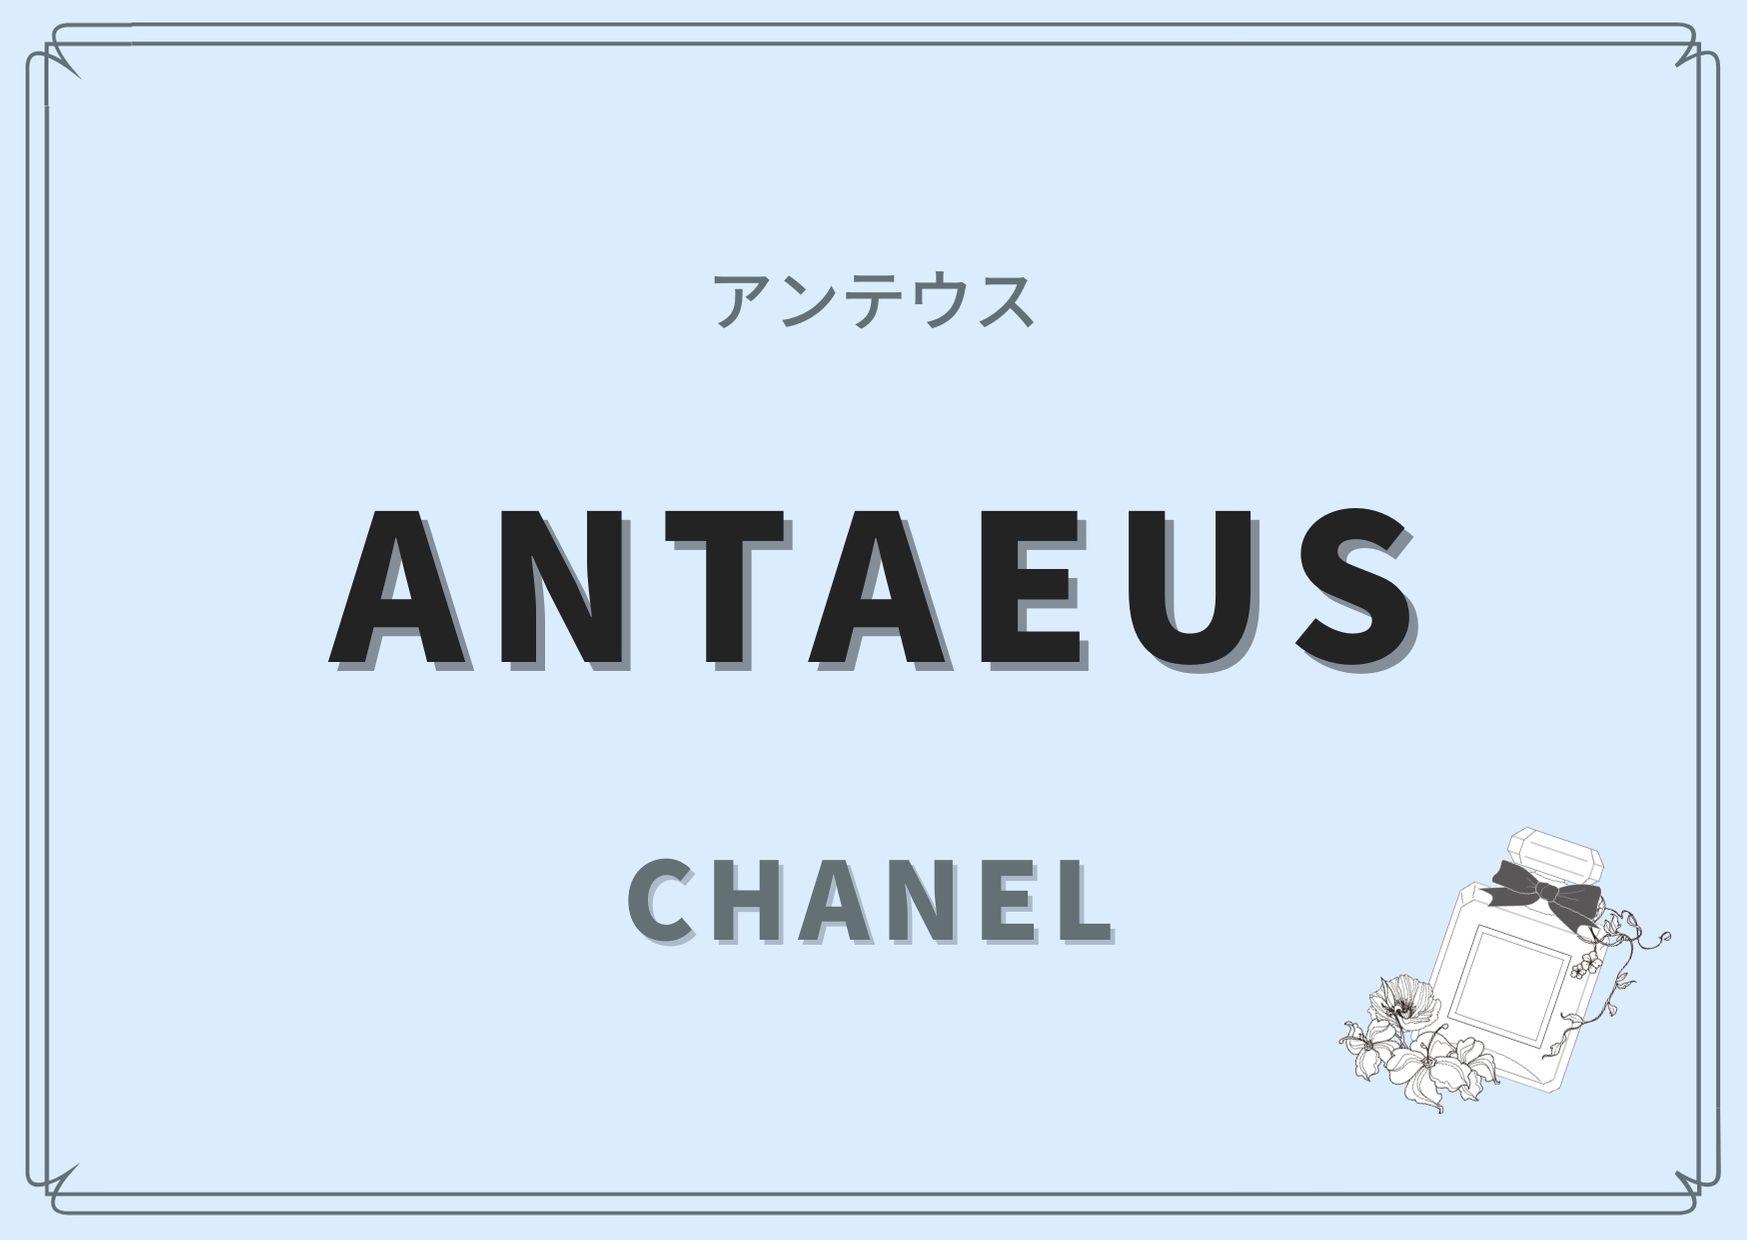 ANTAEUS(アンテウス)/CHANEL(シャネル)